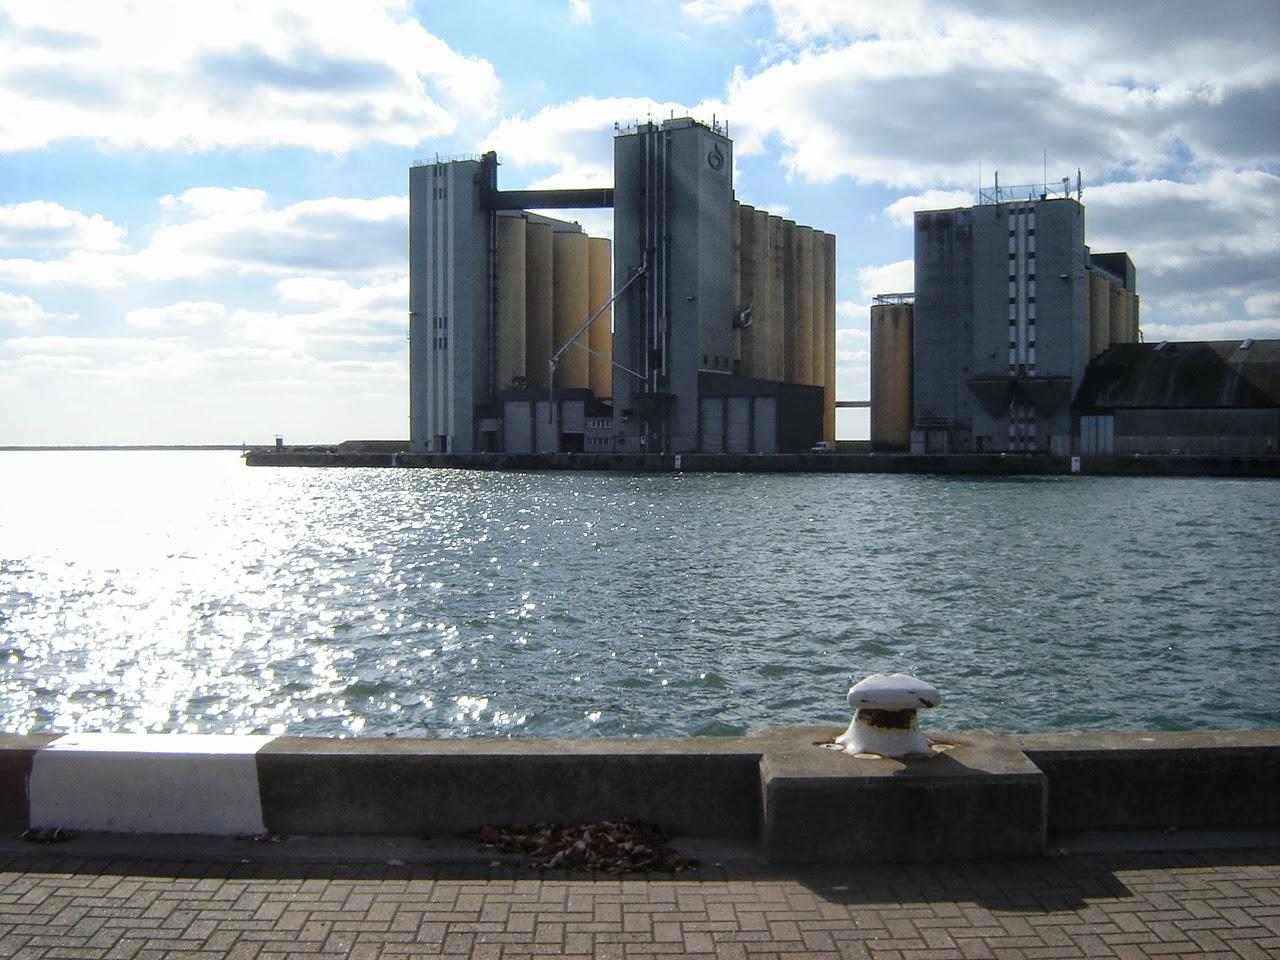 dejting överviktiga Ystad